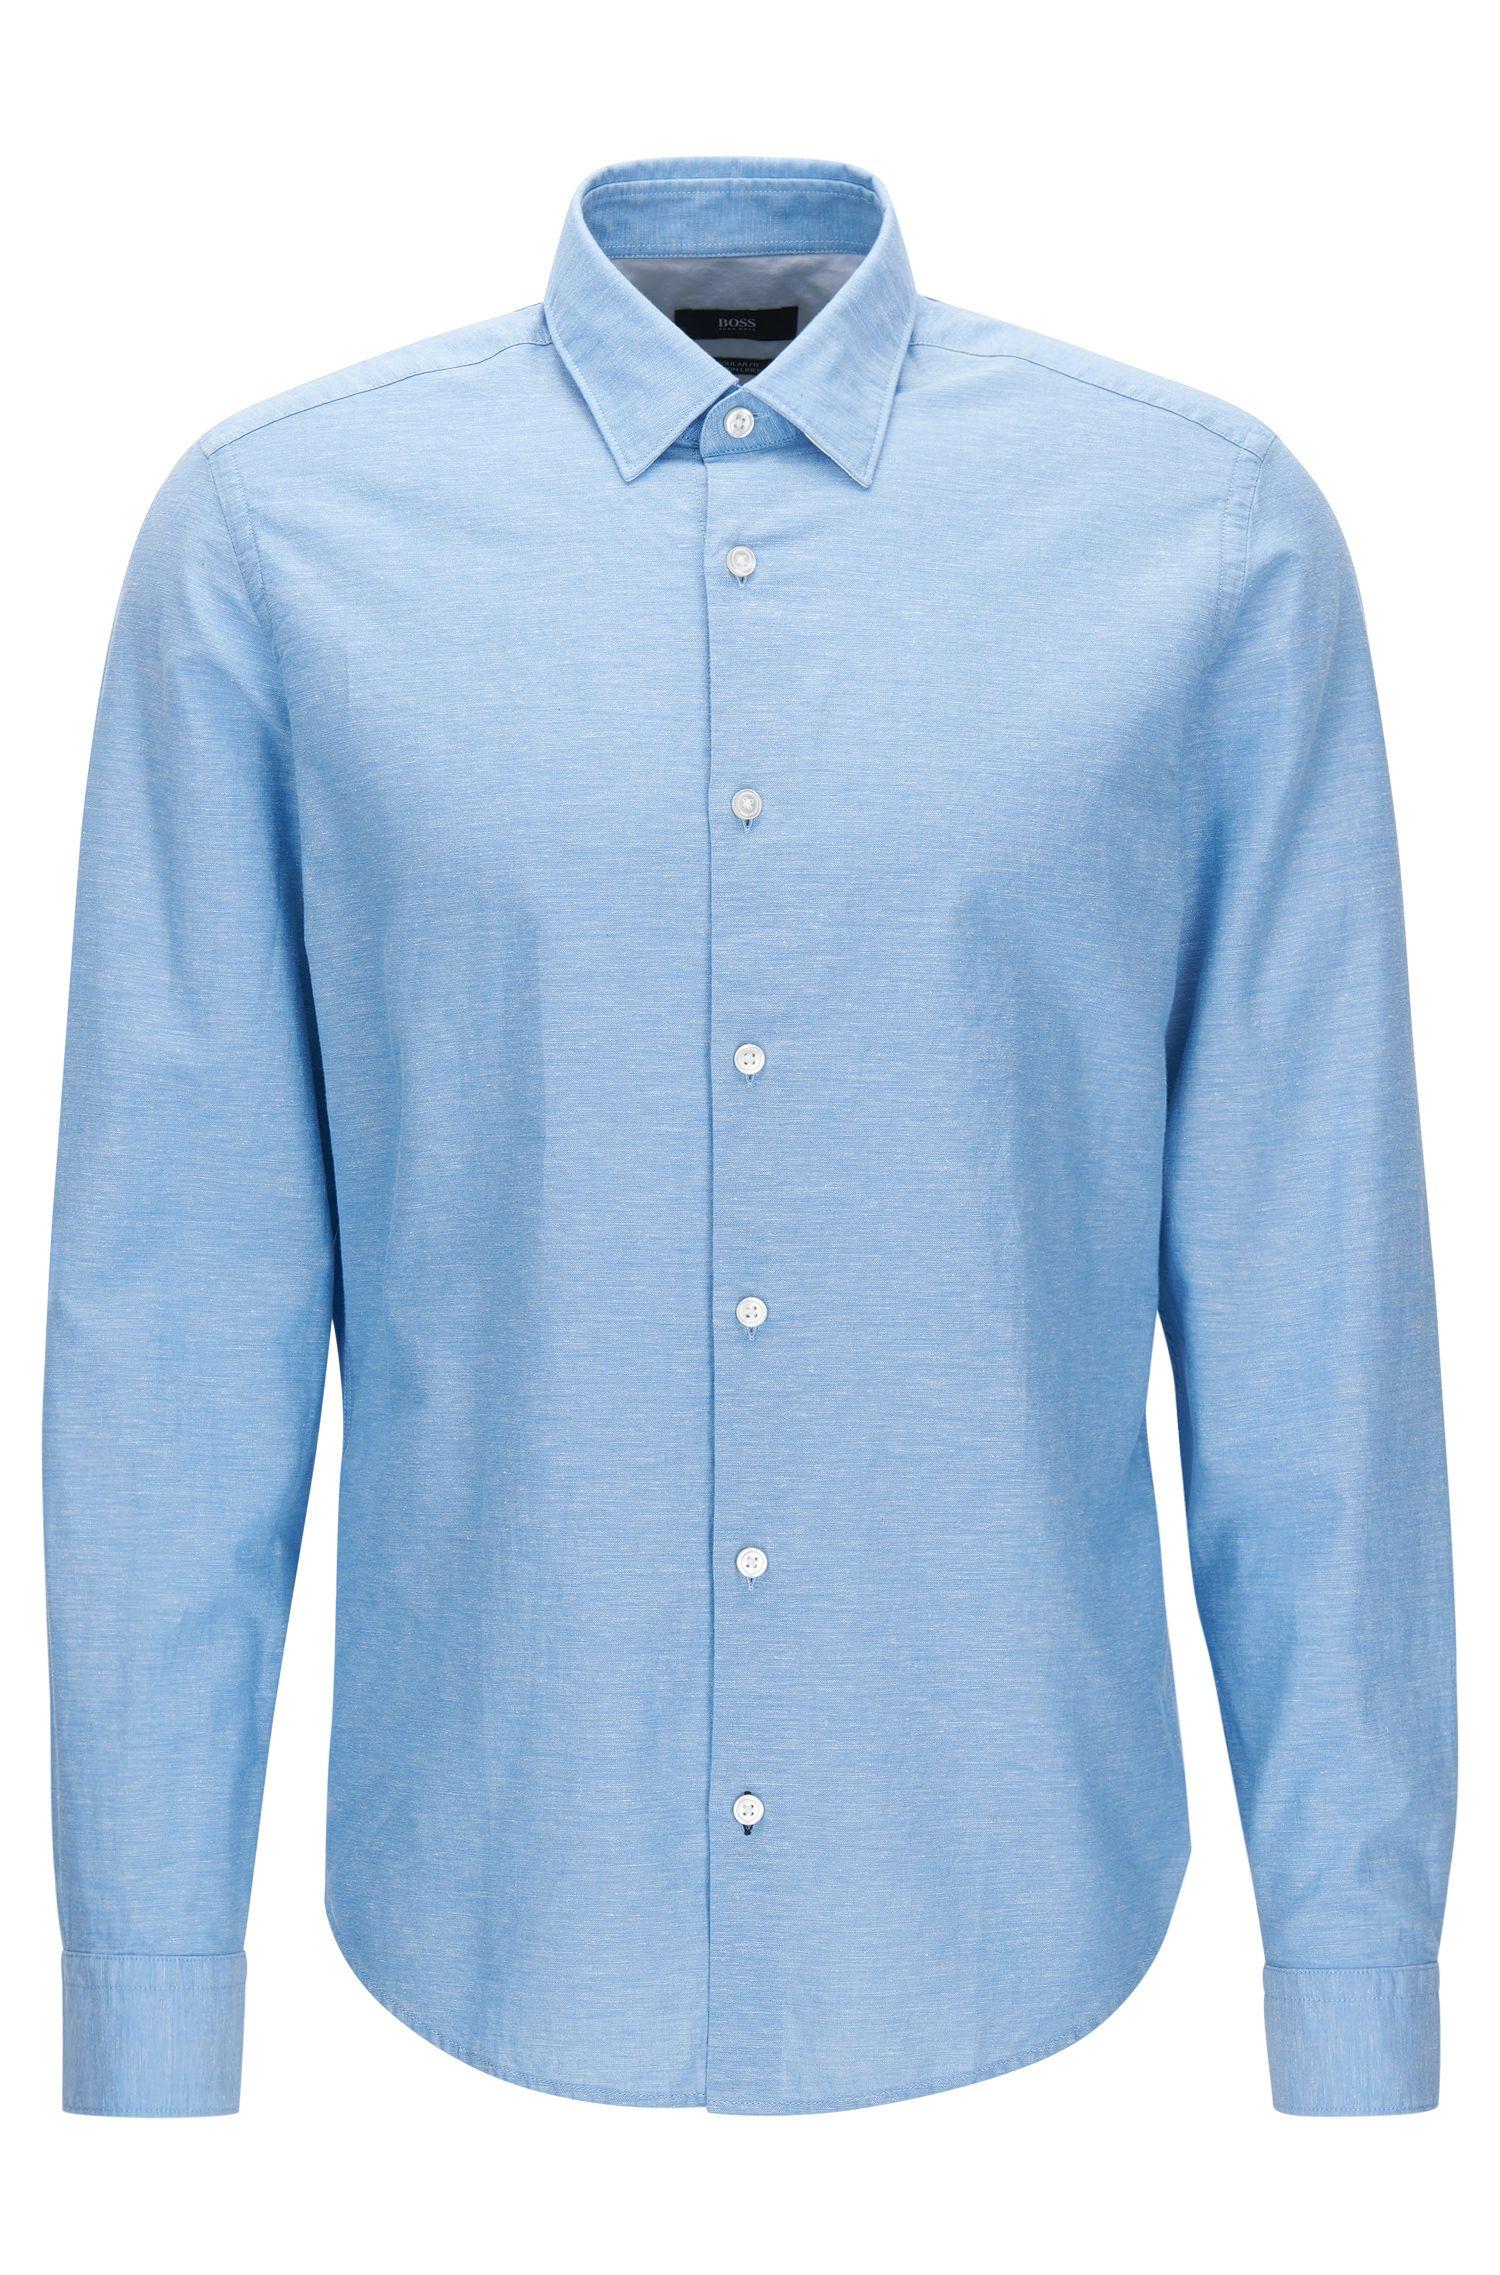 Kort, regular-fit overhemd van katoen met linnen